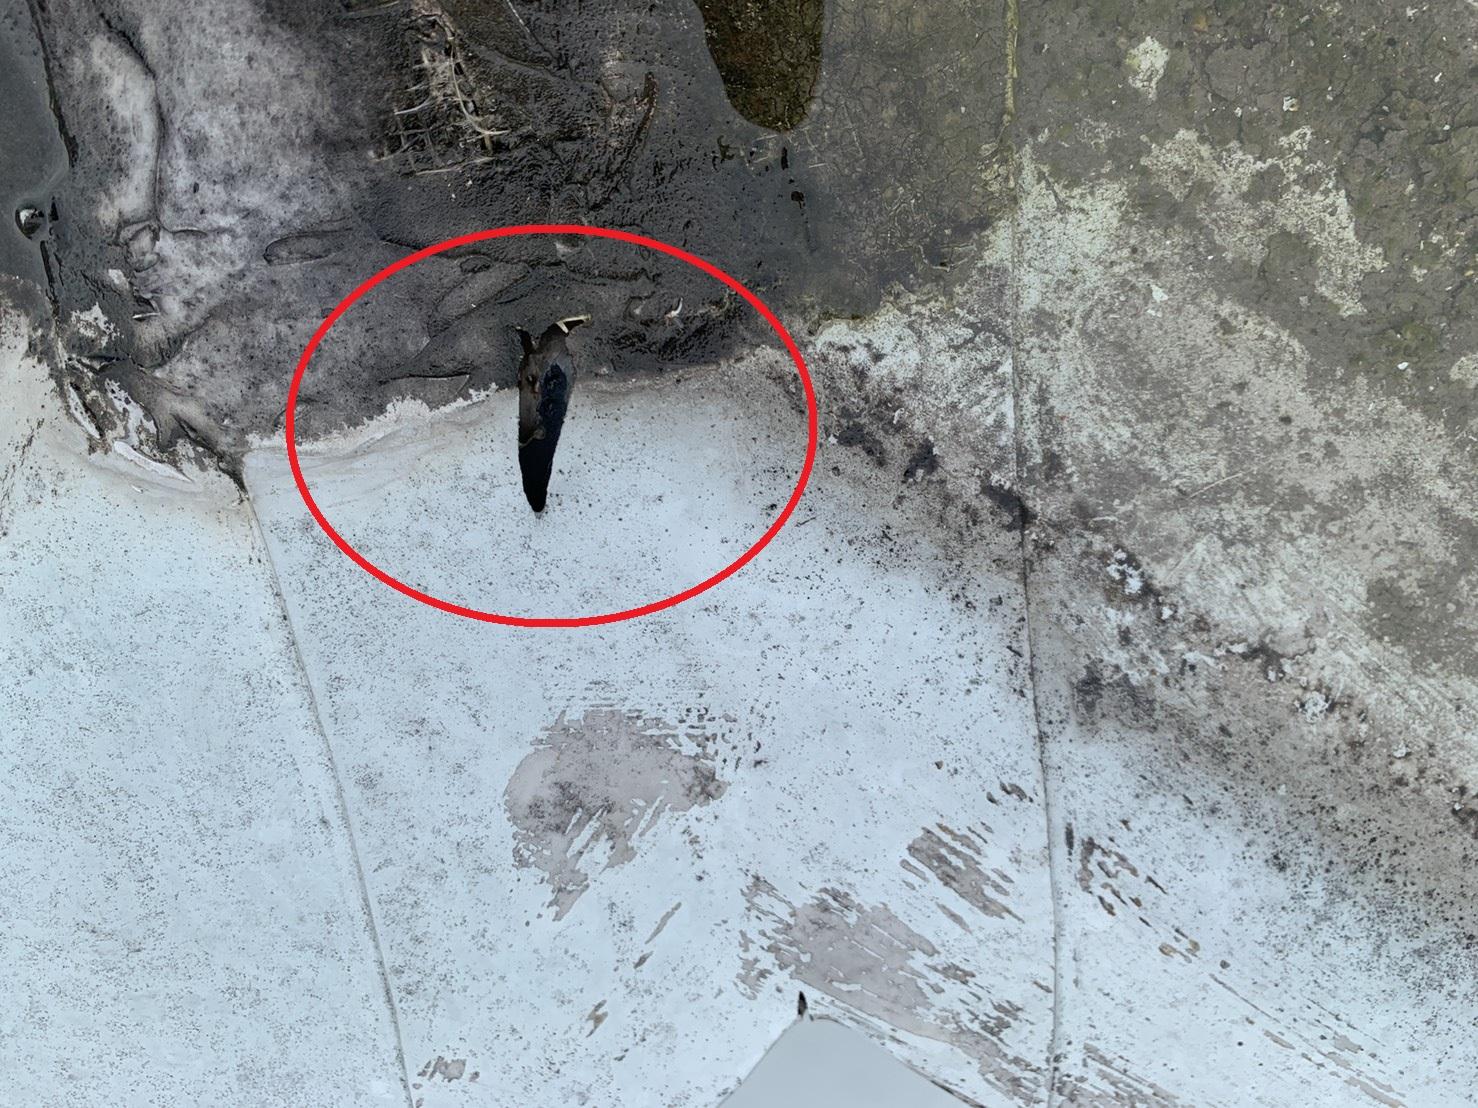 三木市で屋上防水のお見積もりを行ったシート防止に穴が開いている様子